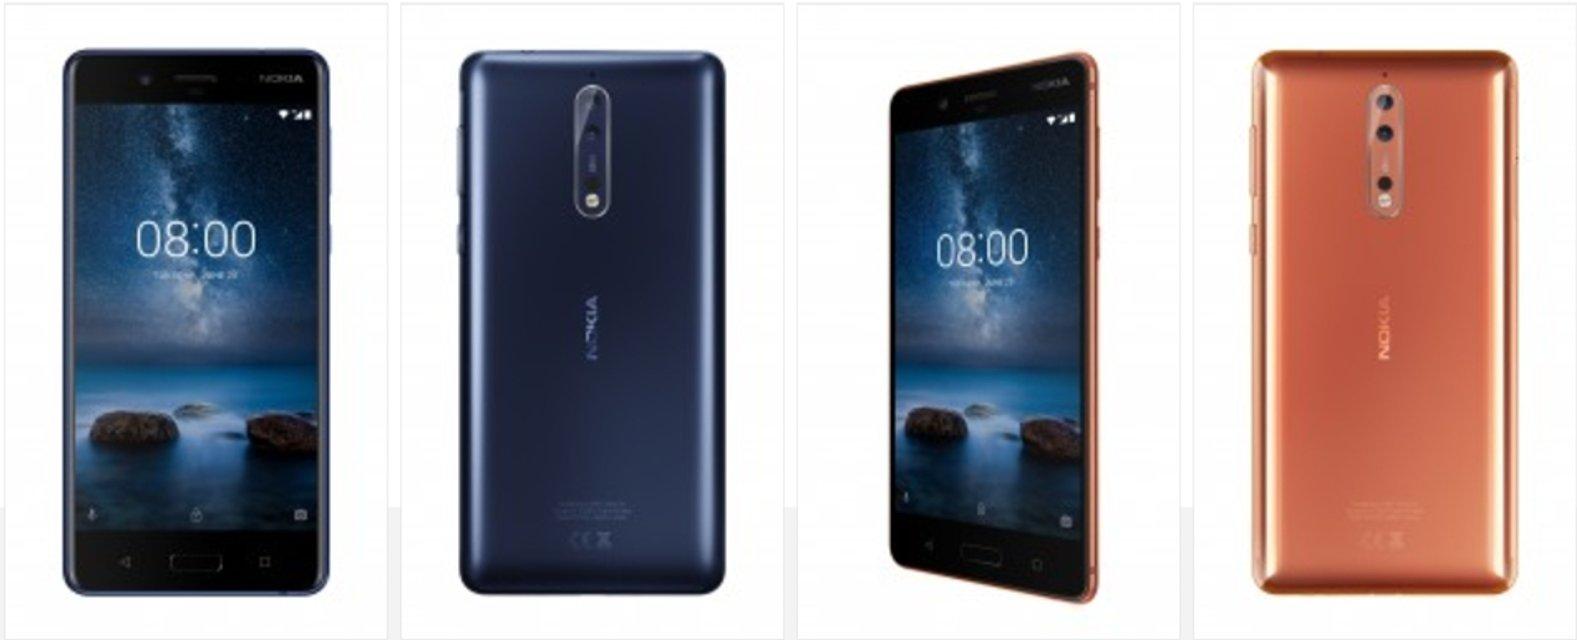 Nokia 8 официально выходит в продажу с 6 сентября по €600 - фото 67229